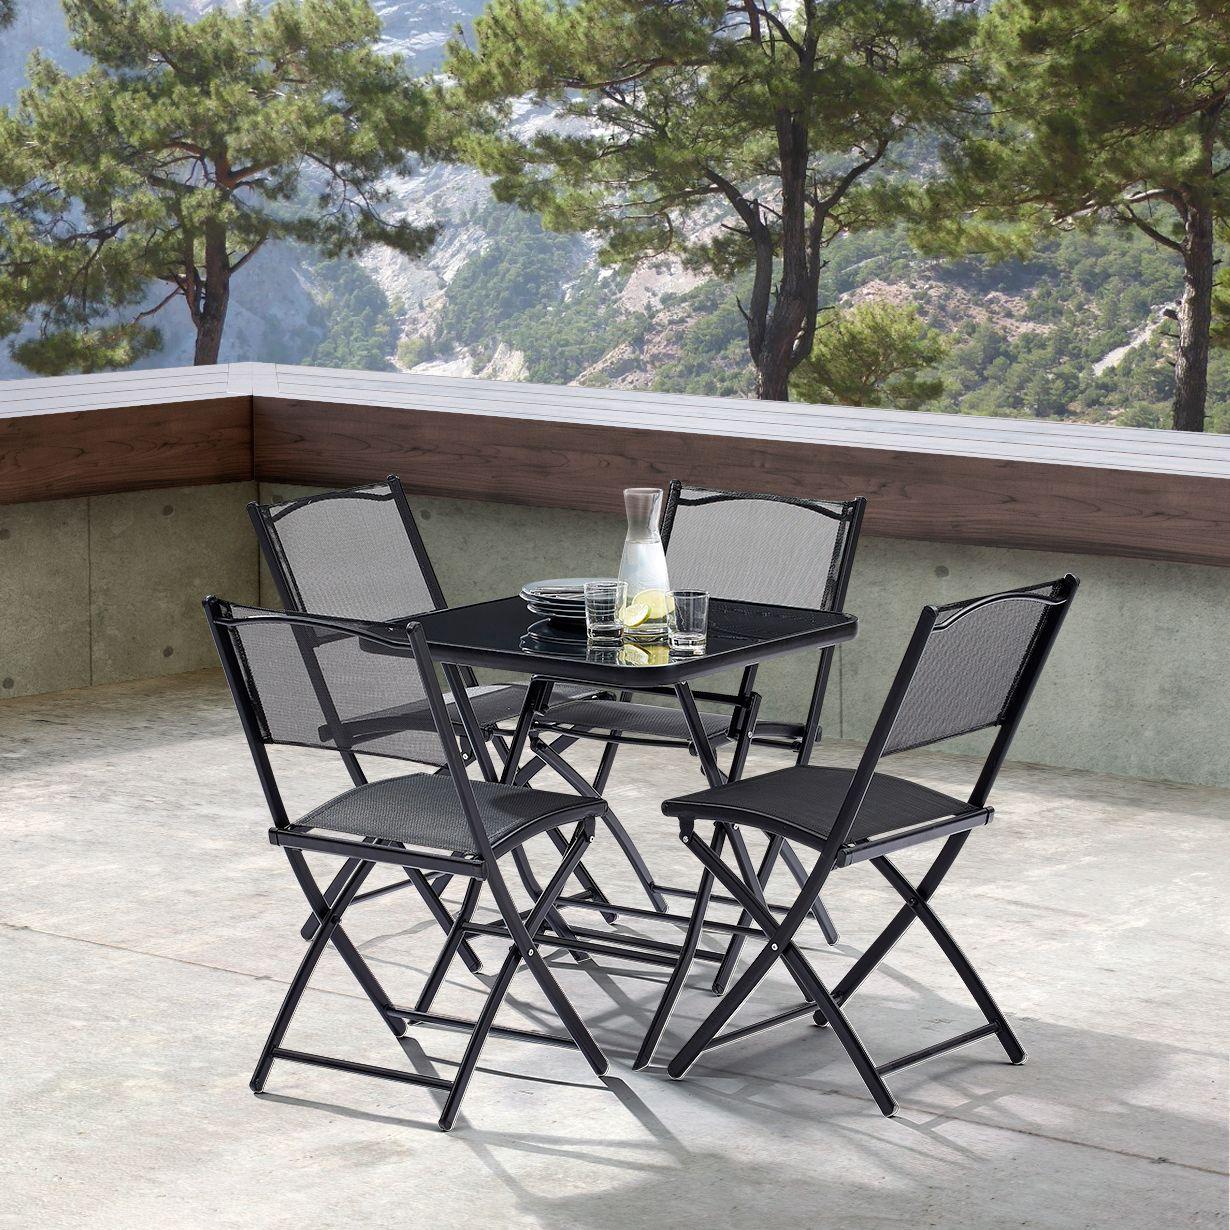 Table terasse 4 personnes avec chaises pliantes aciro